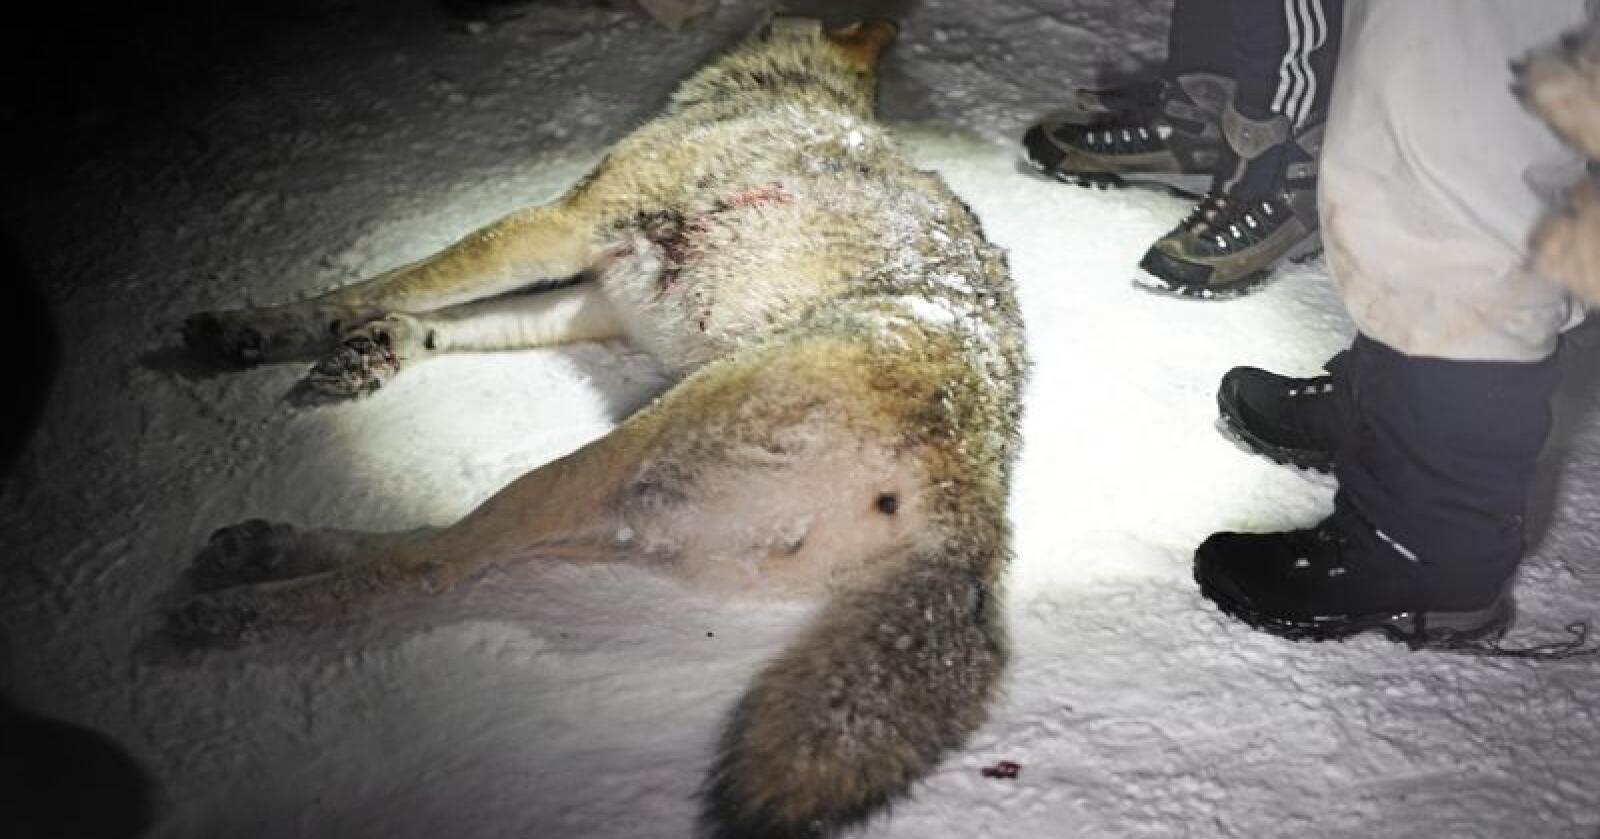 Ulvejakt: Denne ulven ble skutt i Rendalen i Hedmark januar 2018.Ulv skutt 3. Foto: Benjamin Hernes Vogl